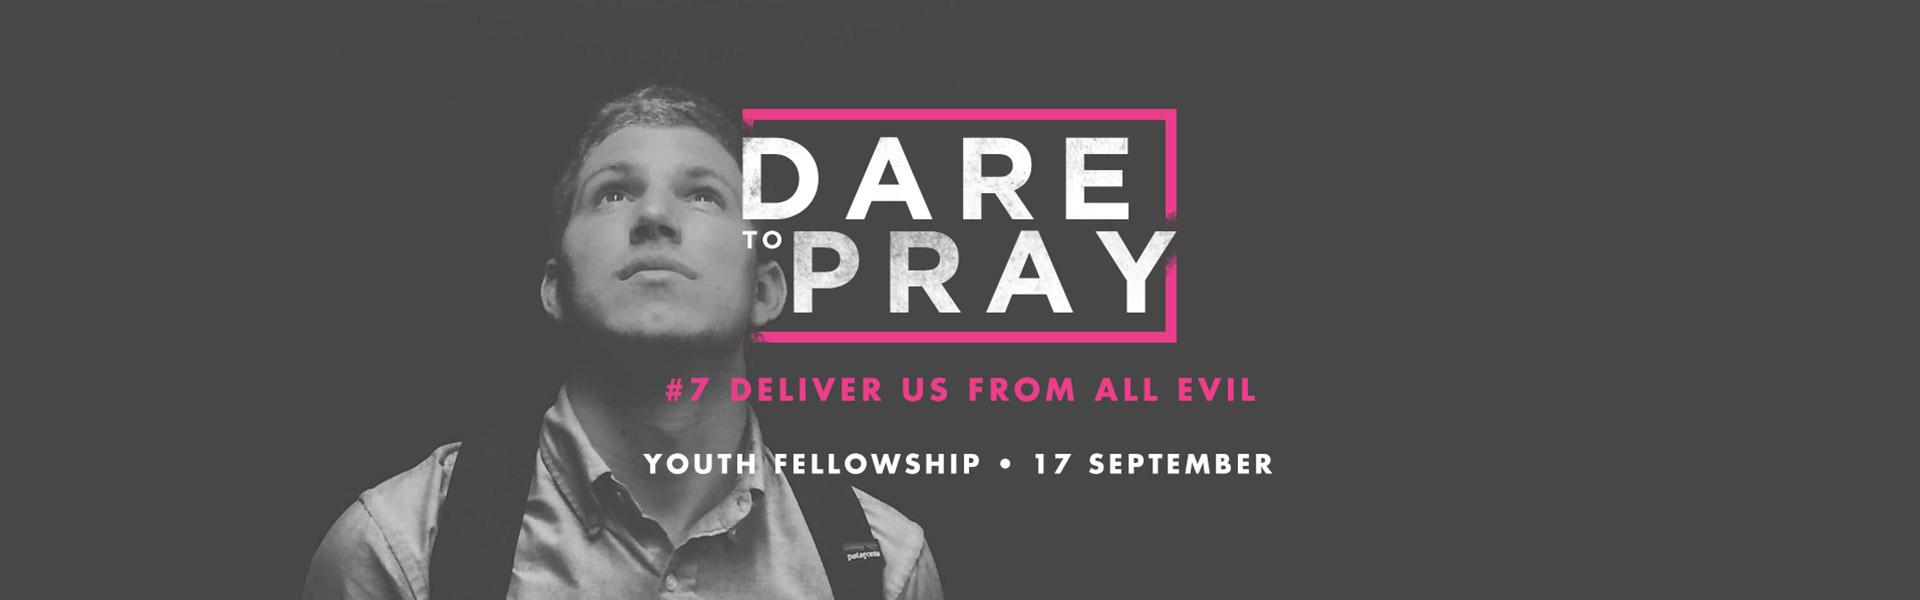 dare-to-pray7